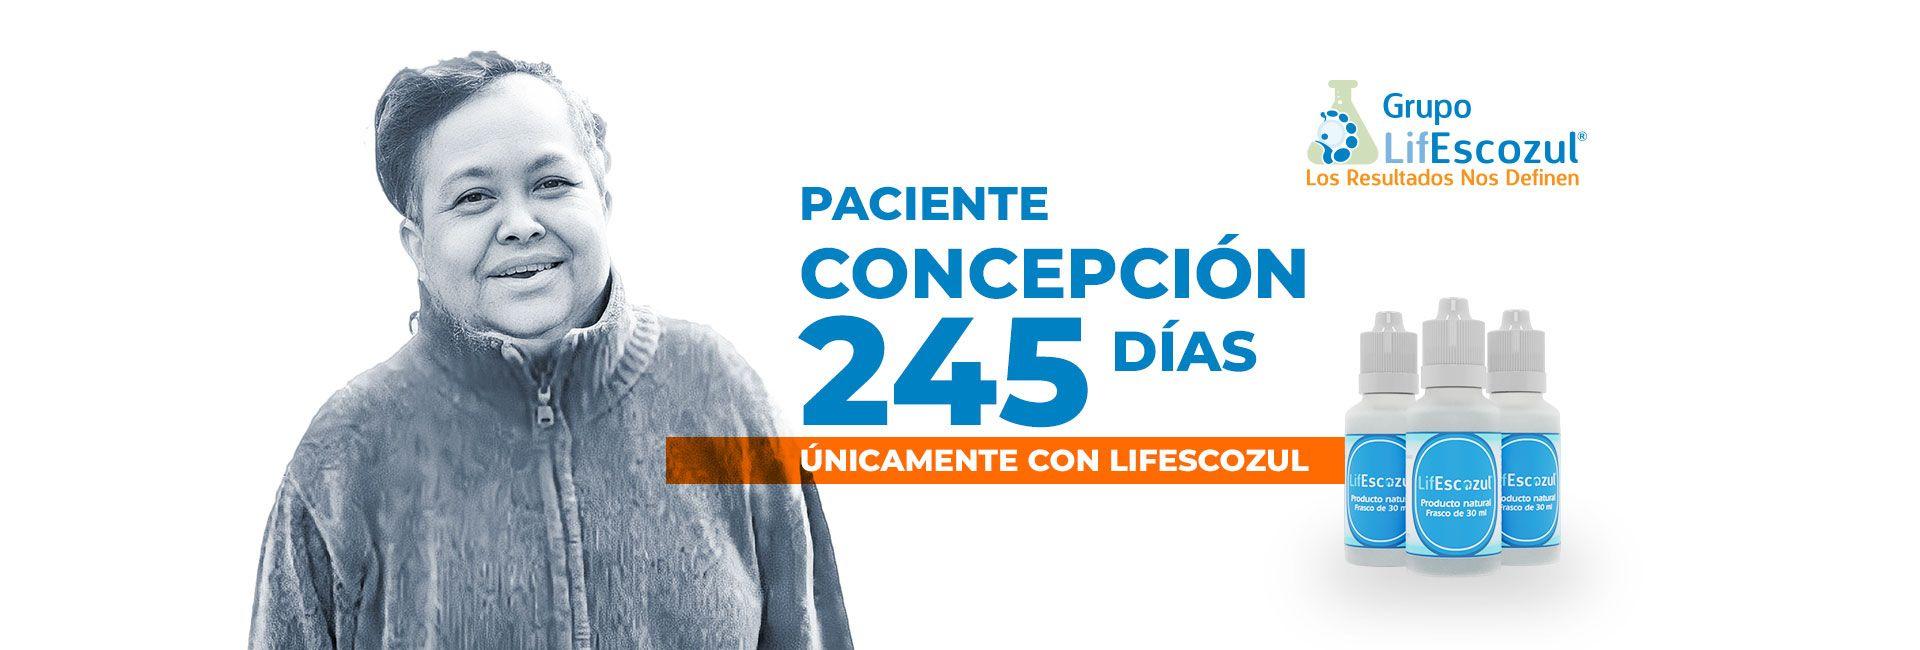 LifEscozul® Cuba Resultados con LifEscozul®